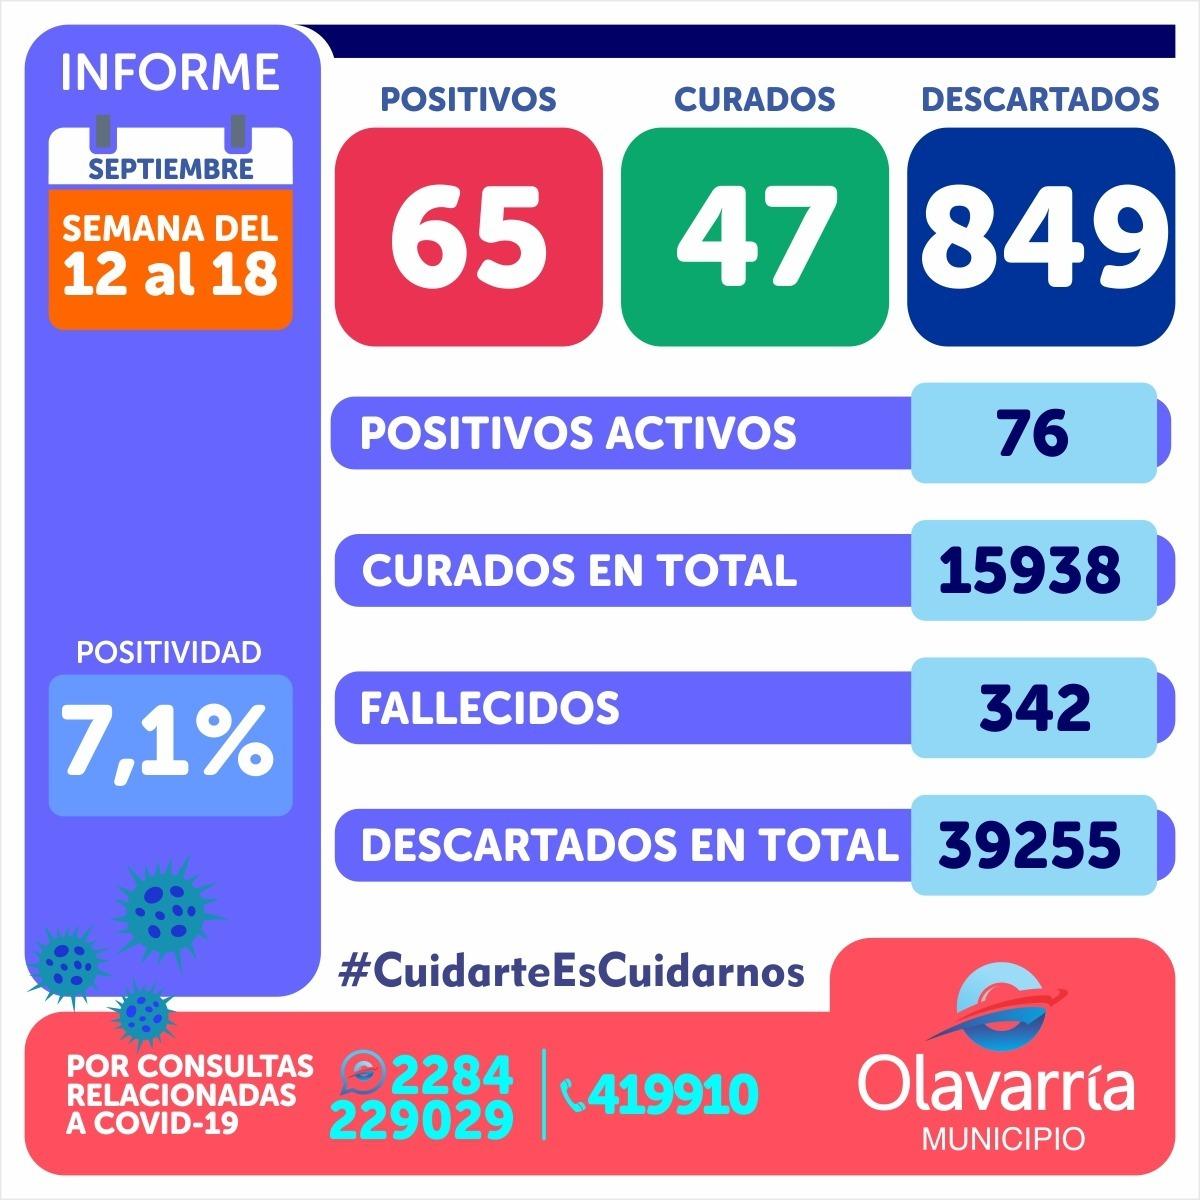 Hay 76 pacientes transitando coronavirus en Olavarría